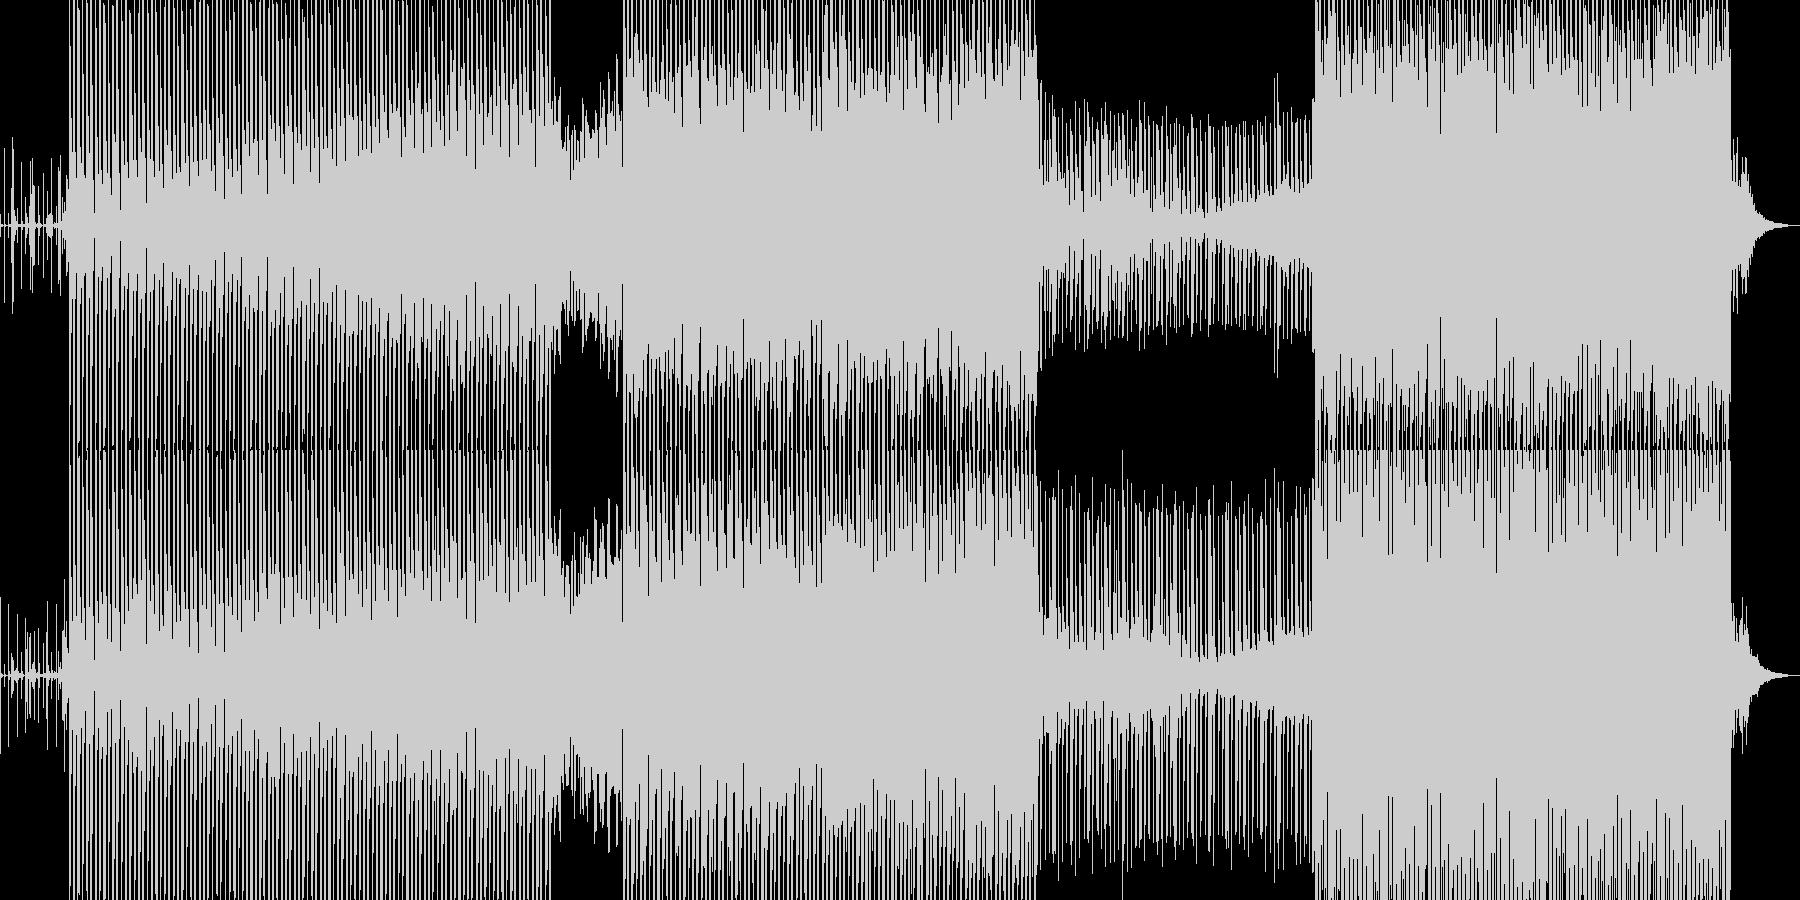 しっかりしたビートの科学的サウンドの未再生の波形